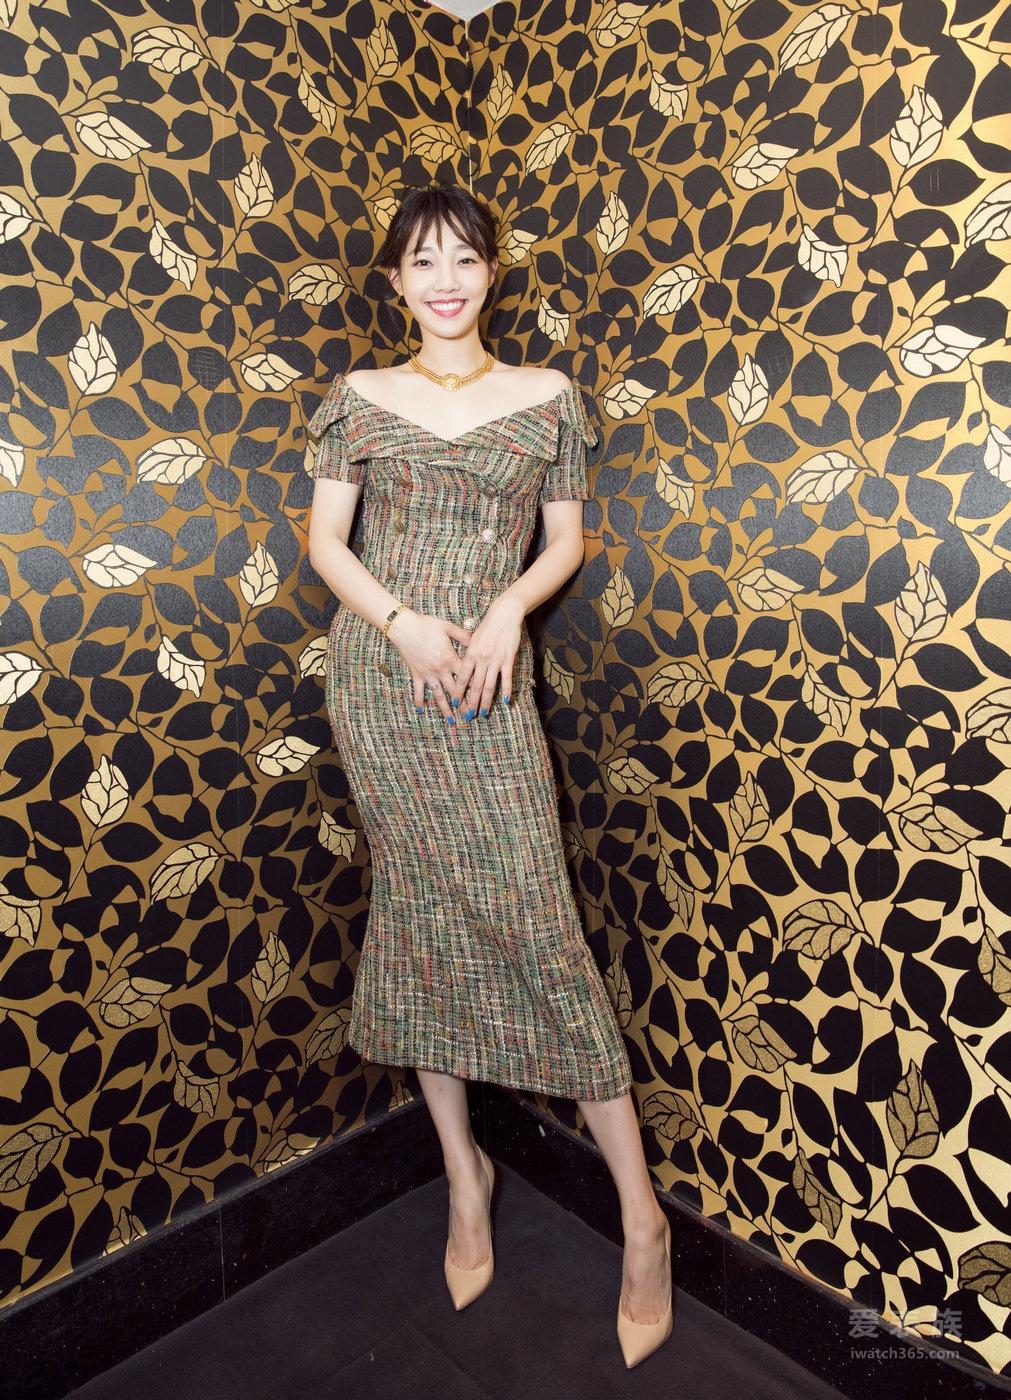 香奈儿—— 白百何─金鸡百花电影节 +《从你的全世界路过》 电影首映